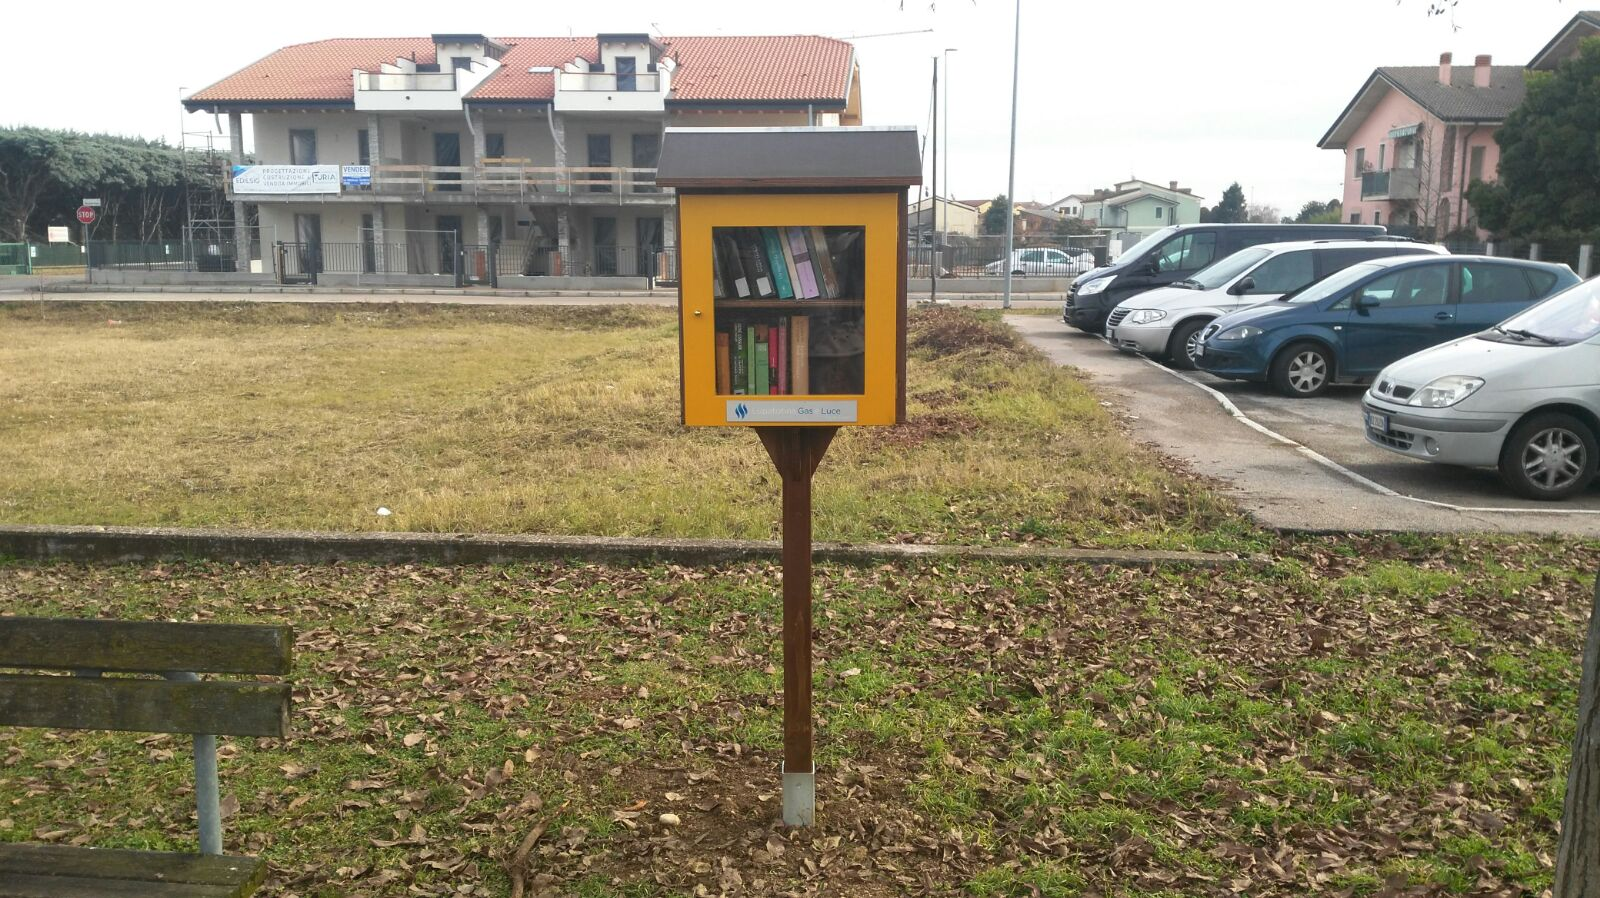 bookcrossing_alpo